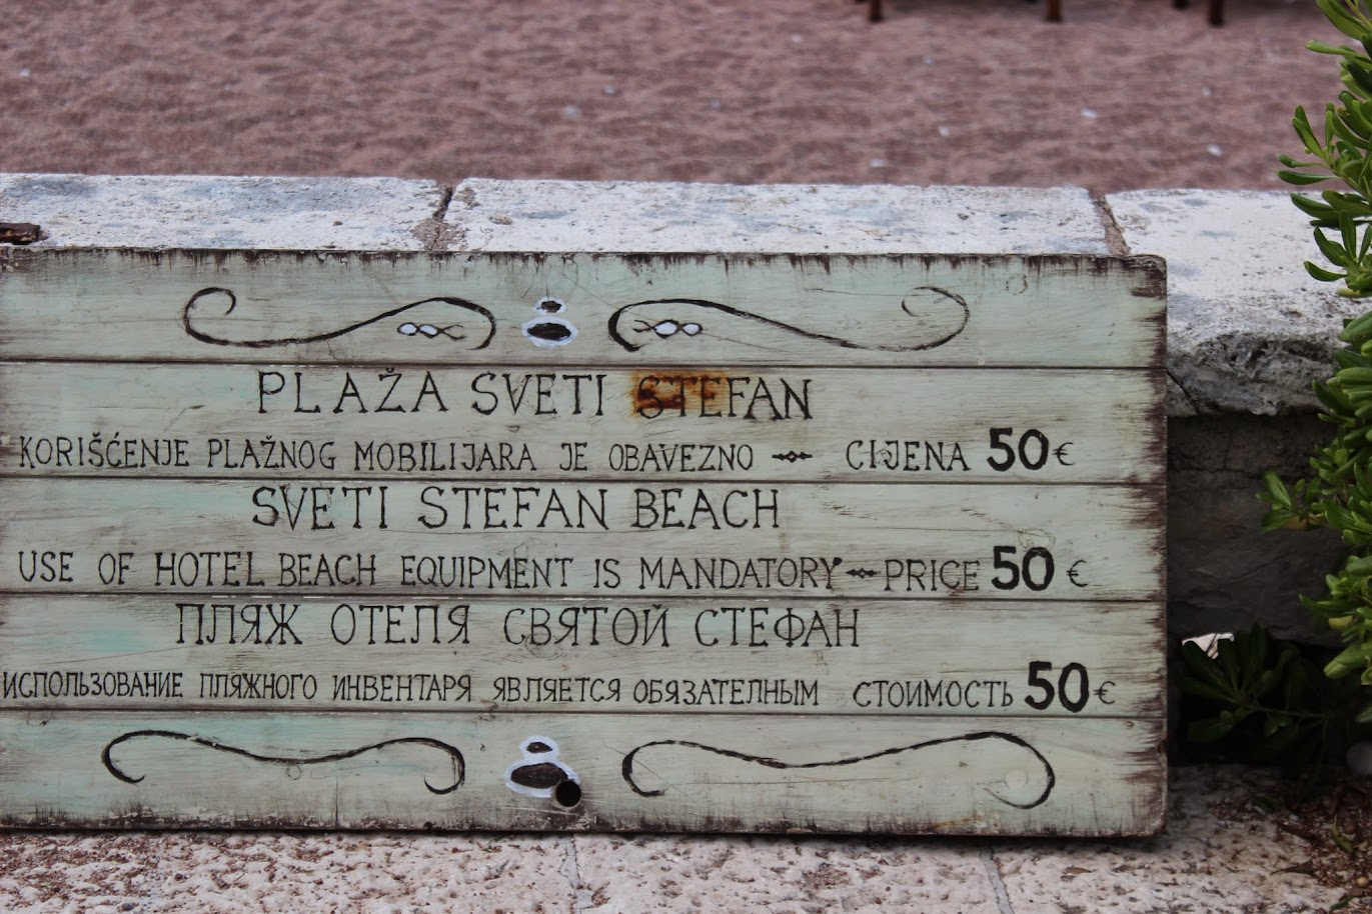 цены за лежаки на пляже свети стефан